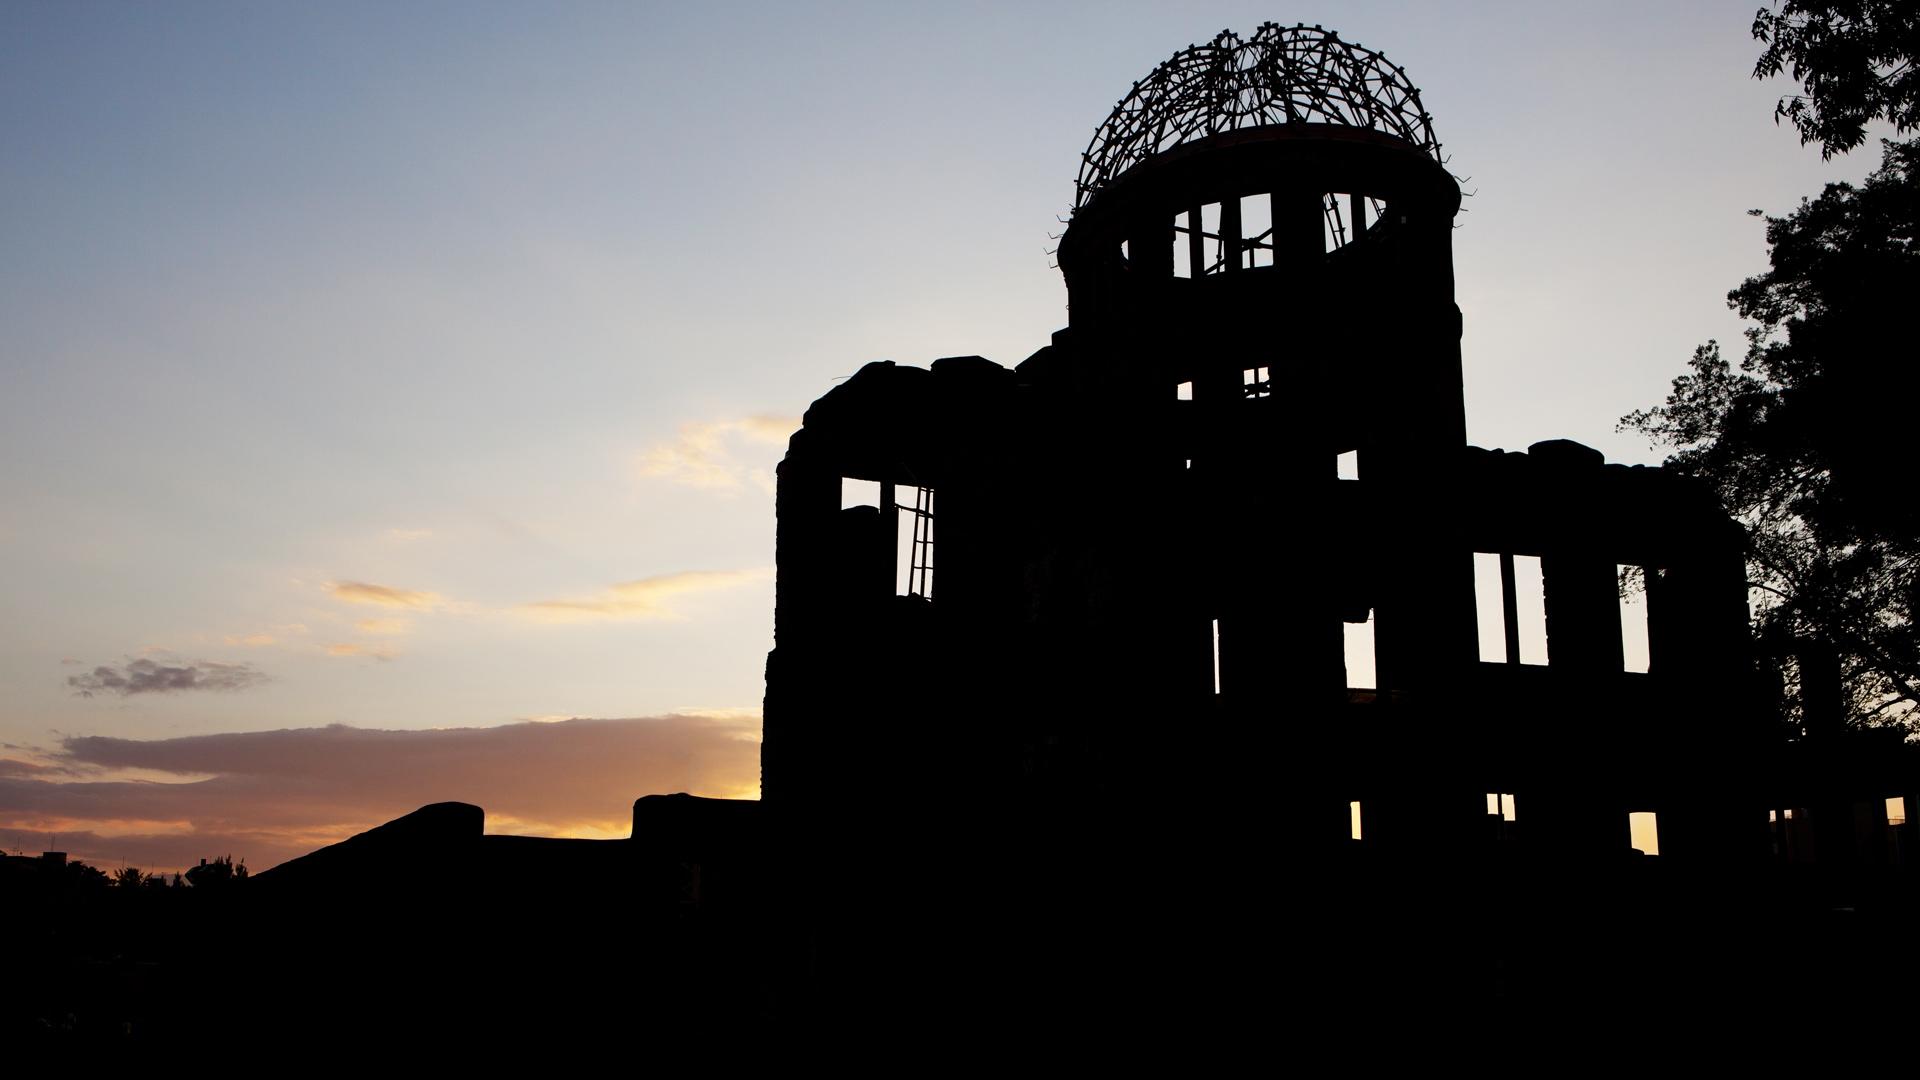 「夕暮れの原爆ドーム」広島, 広島市 (© clumpner/Getty Images)